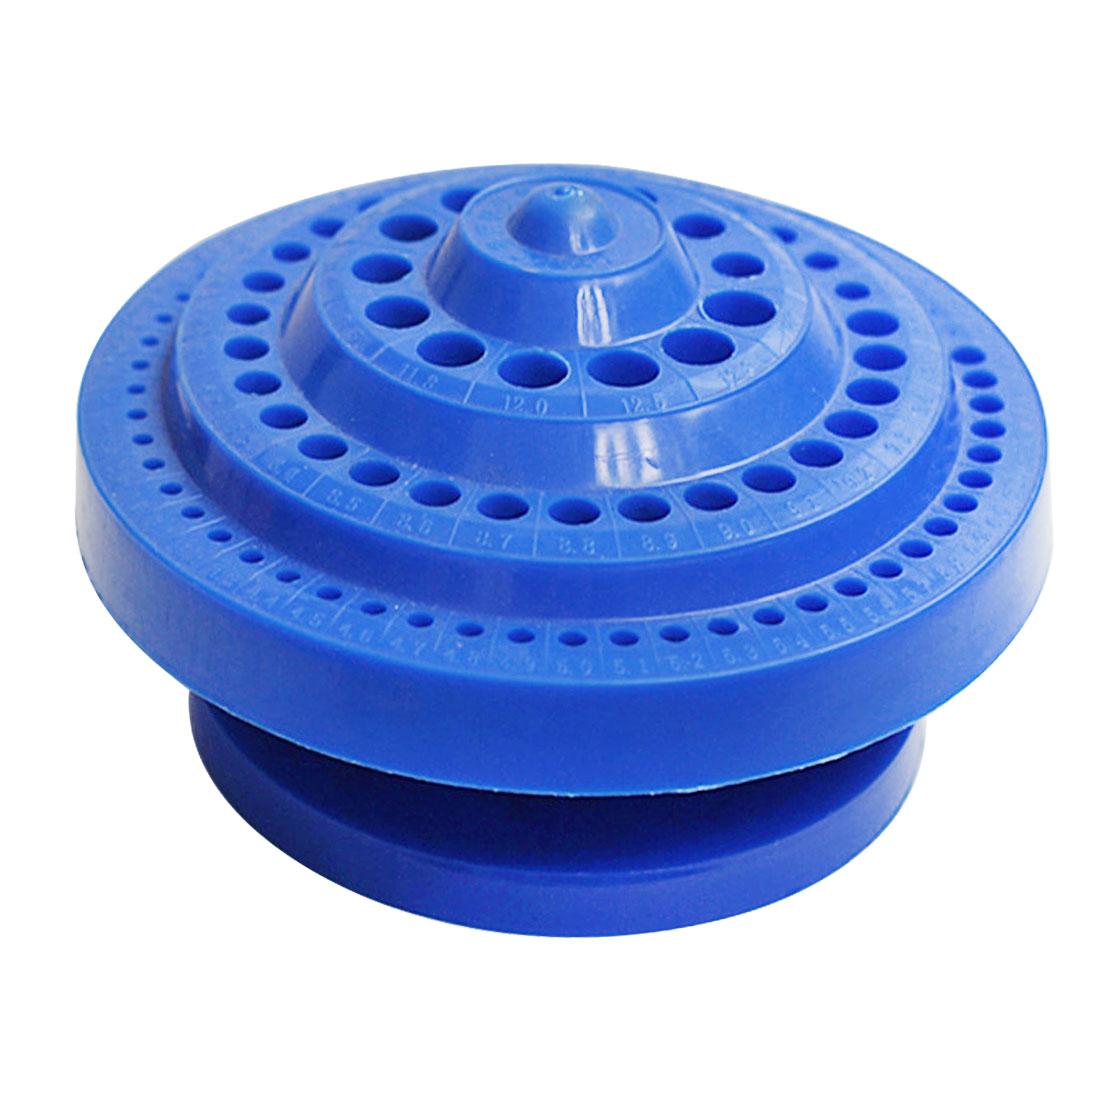 Nouveau 1 pcs Forme Ronde En Plastique Dur 100 pcs 1-13mm Foret De Stockage Cas Bleu